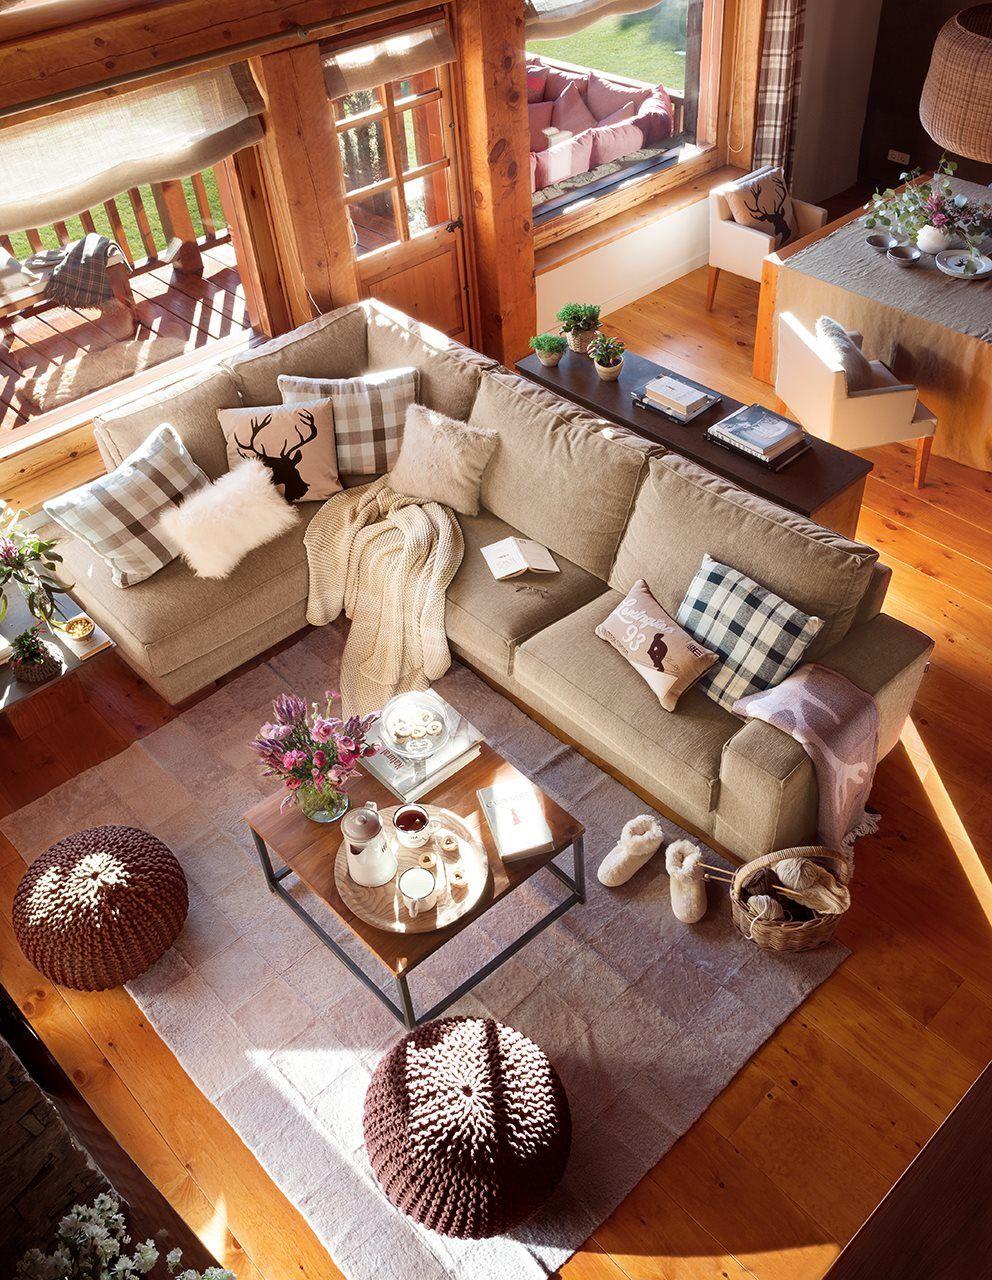 De madera por dentro y por fuera | Cabaña de madera, Madera y Casas